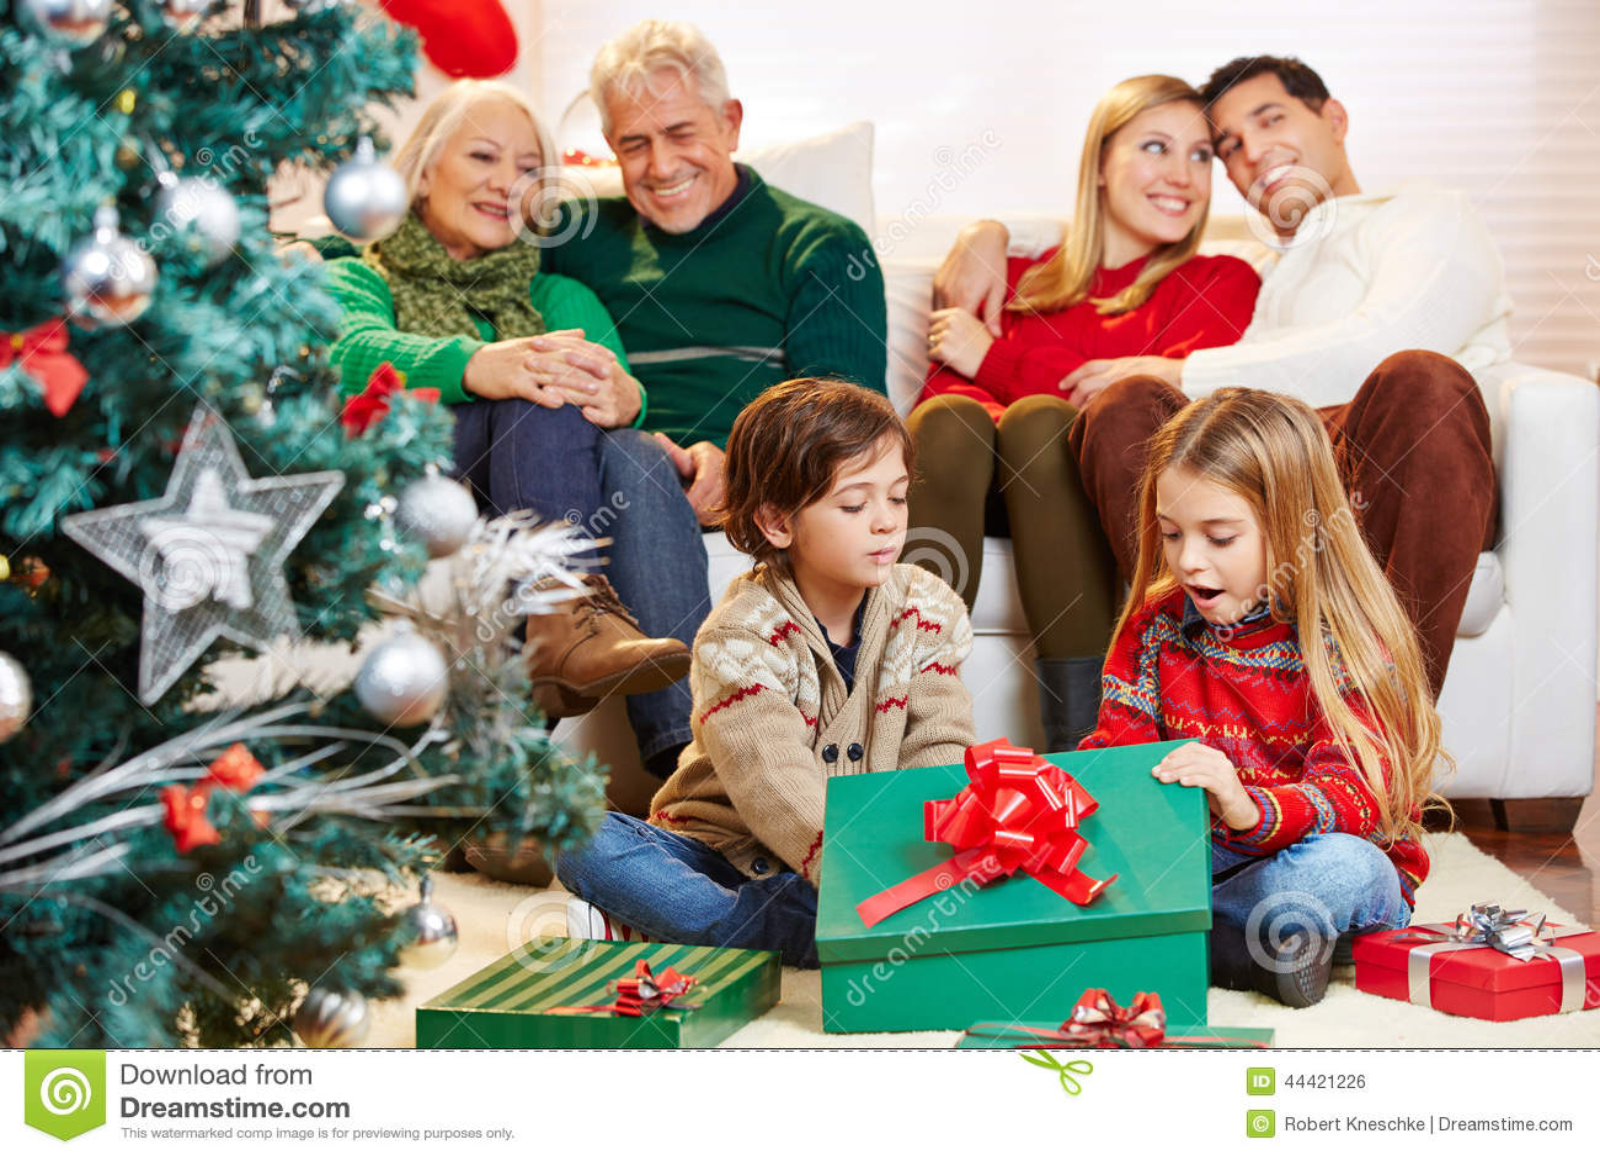 Kinder, Die Geschenke Am Weihnachten öffnen Stockfoto - Bild von ...